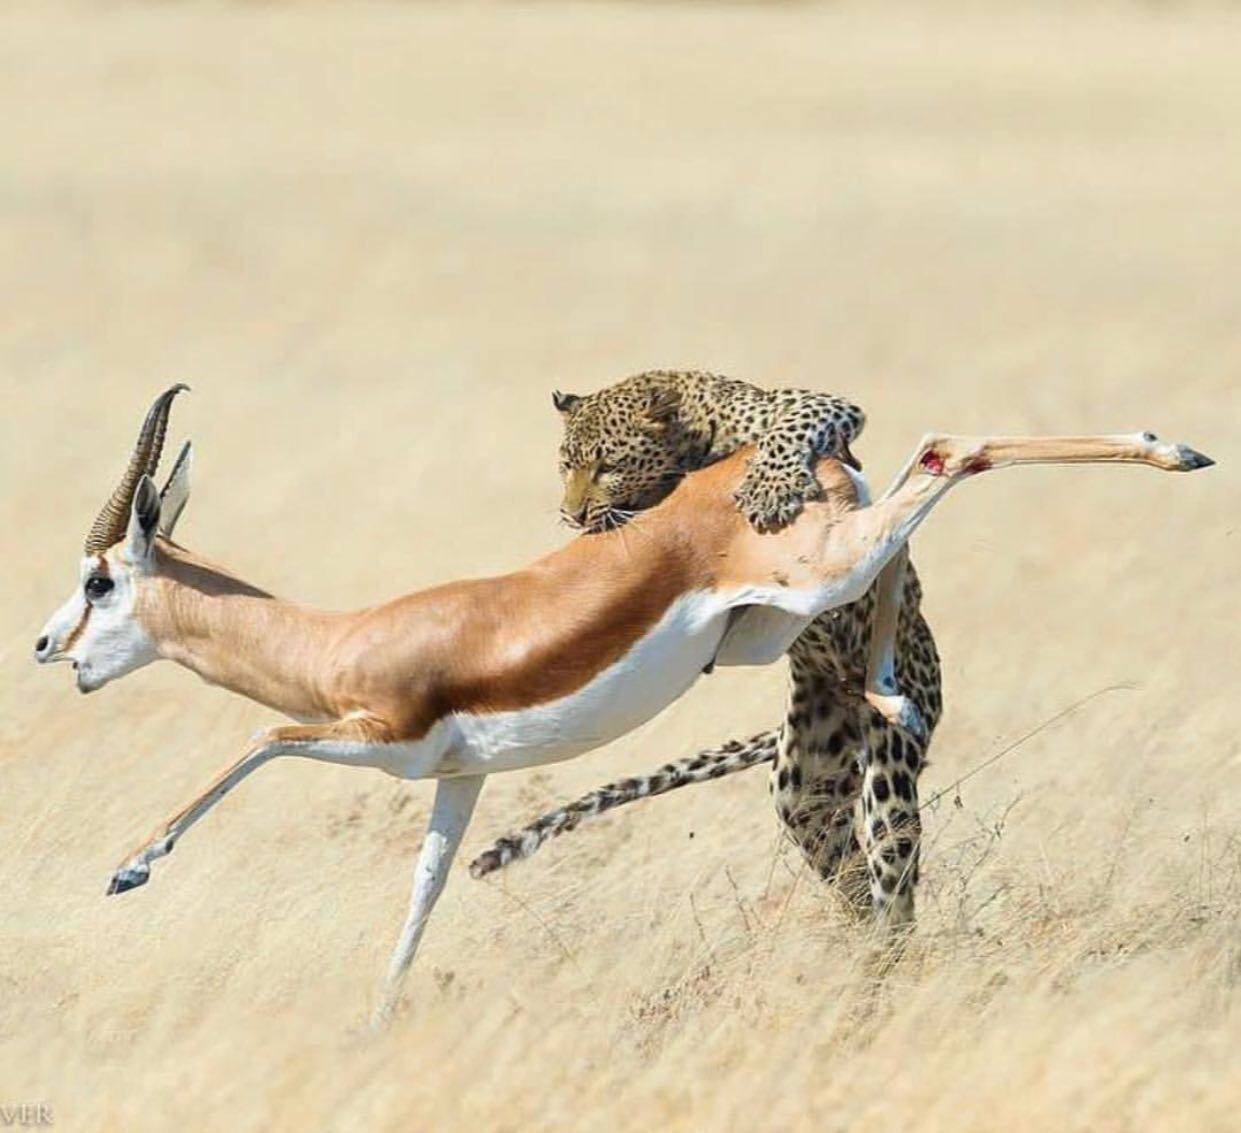 لحظه شکار آهو توسط پلنگ زبل+عکس